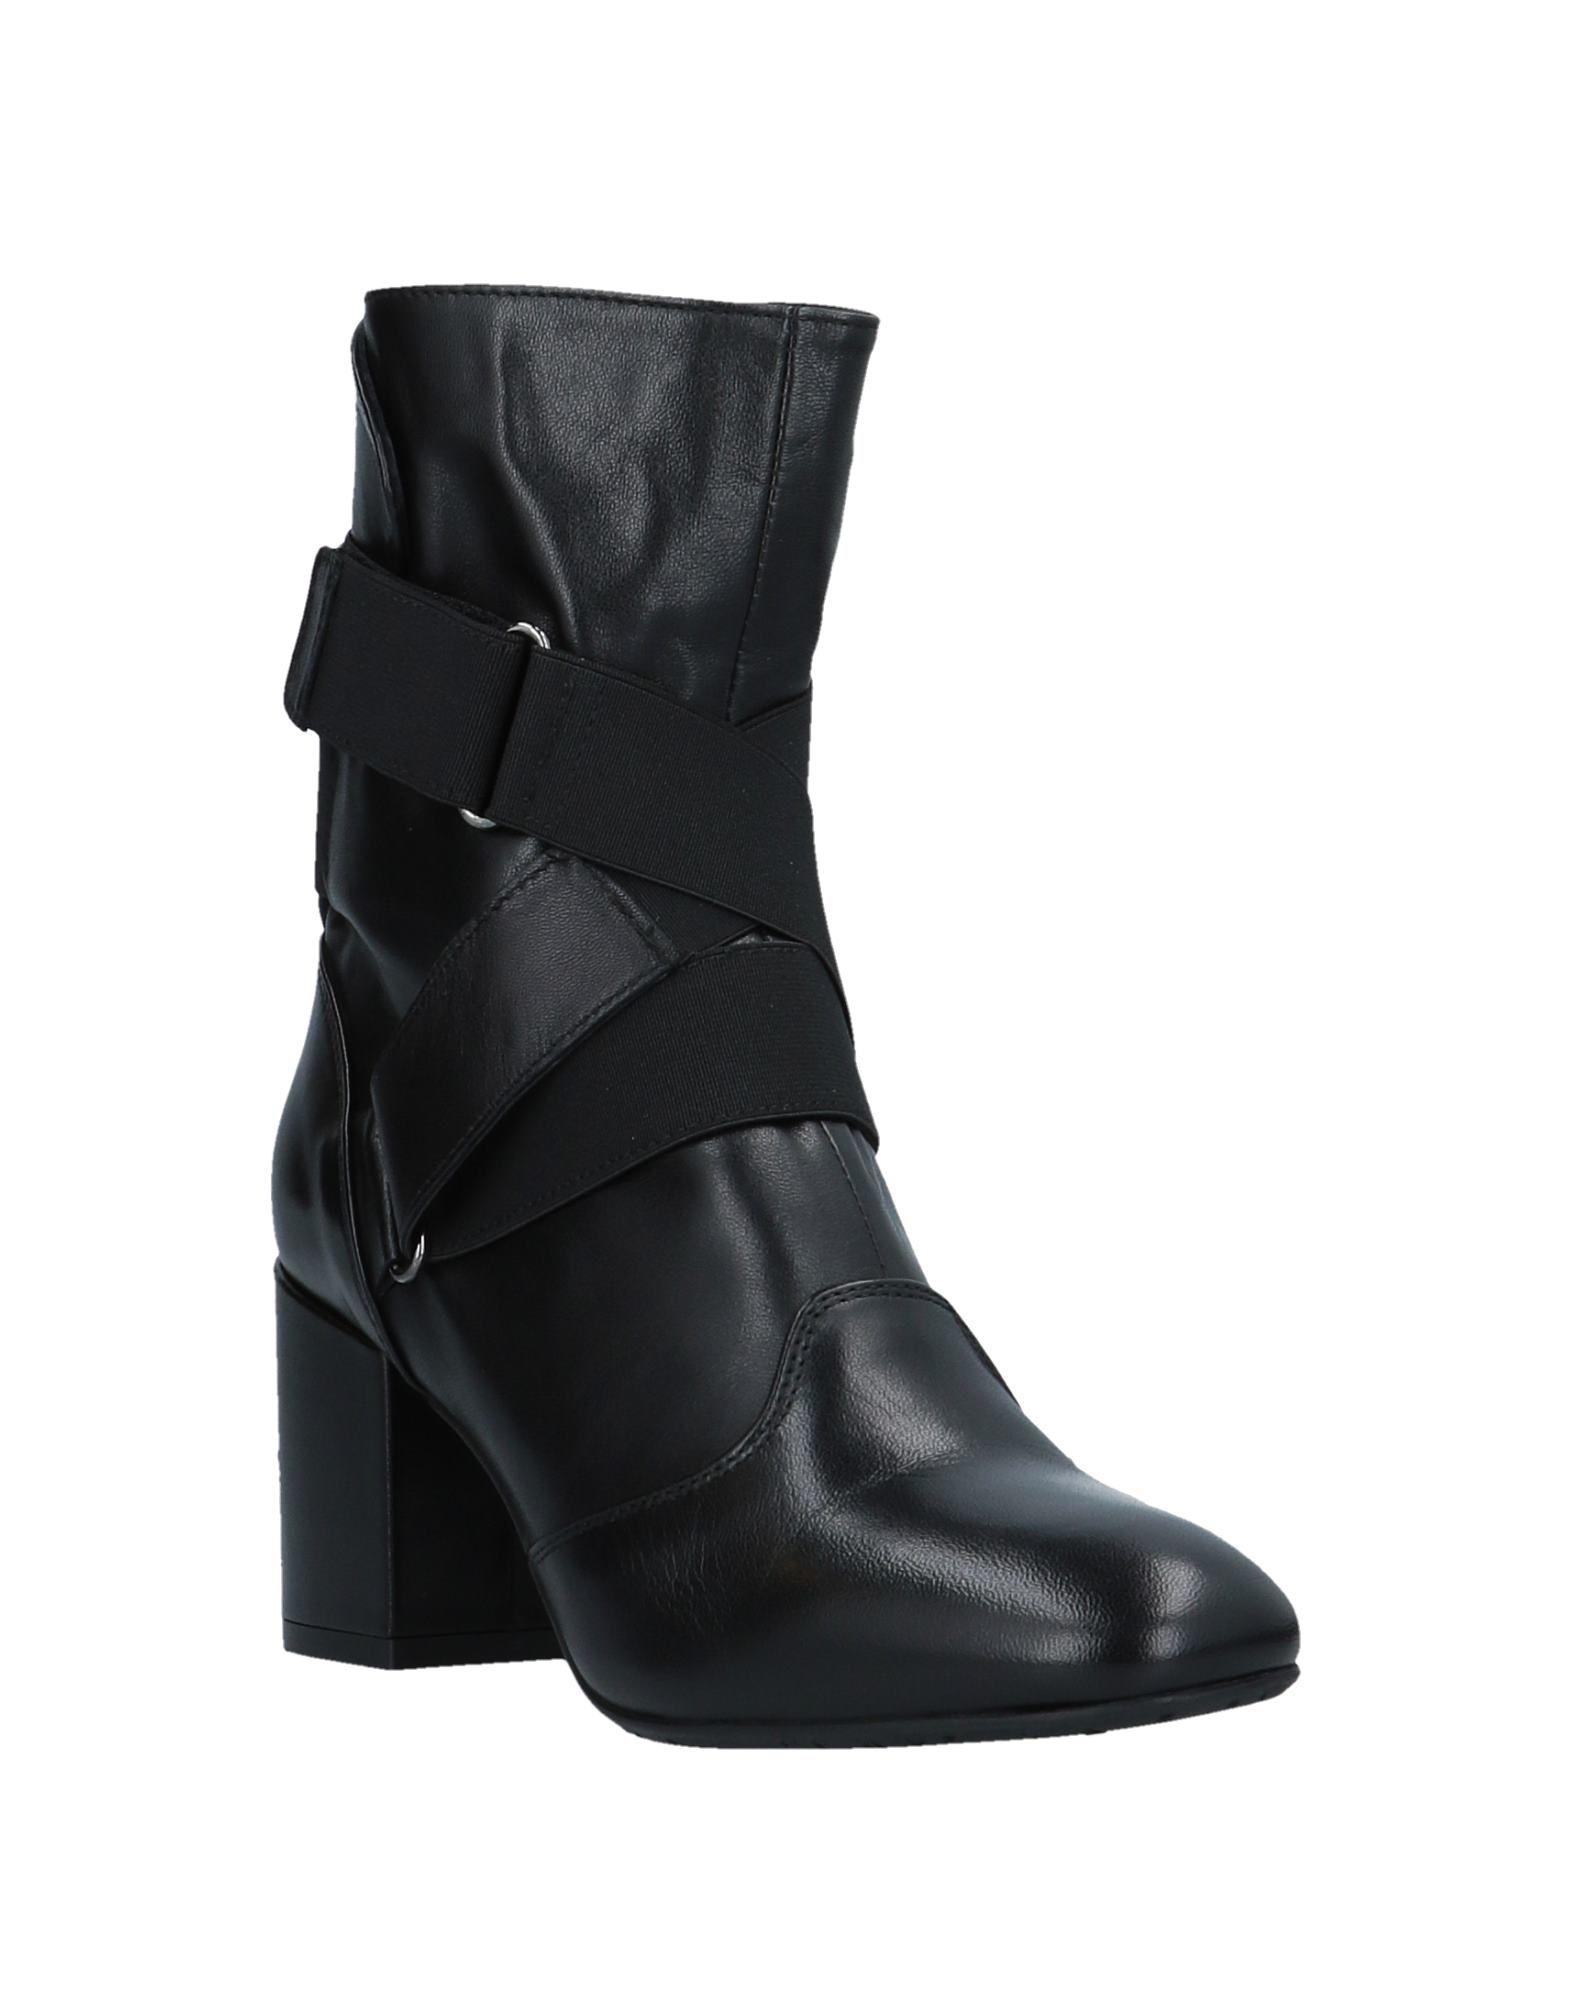 Tiffi Stiefelette 11532594NV Damen  11532594NV Stiefelette Gute Qualität beliebte Schuhe d642b7